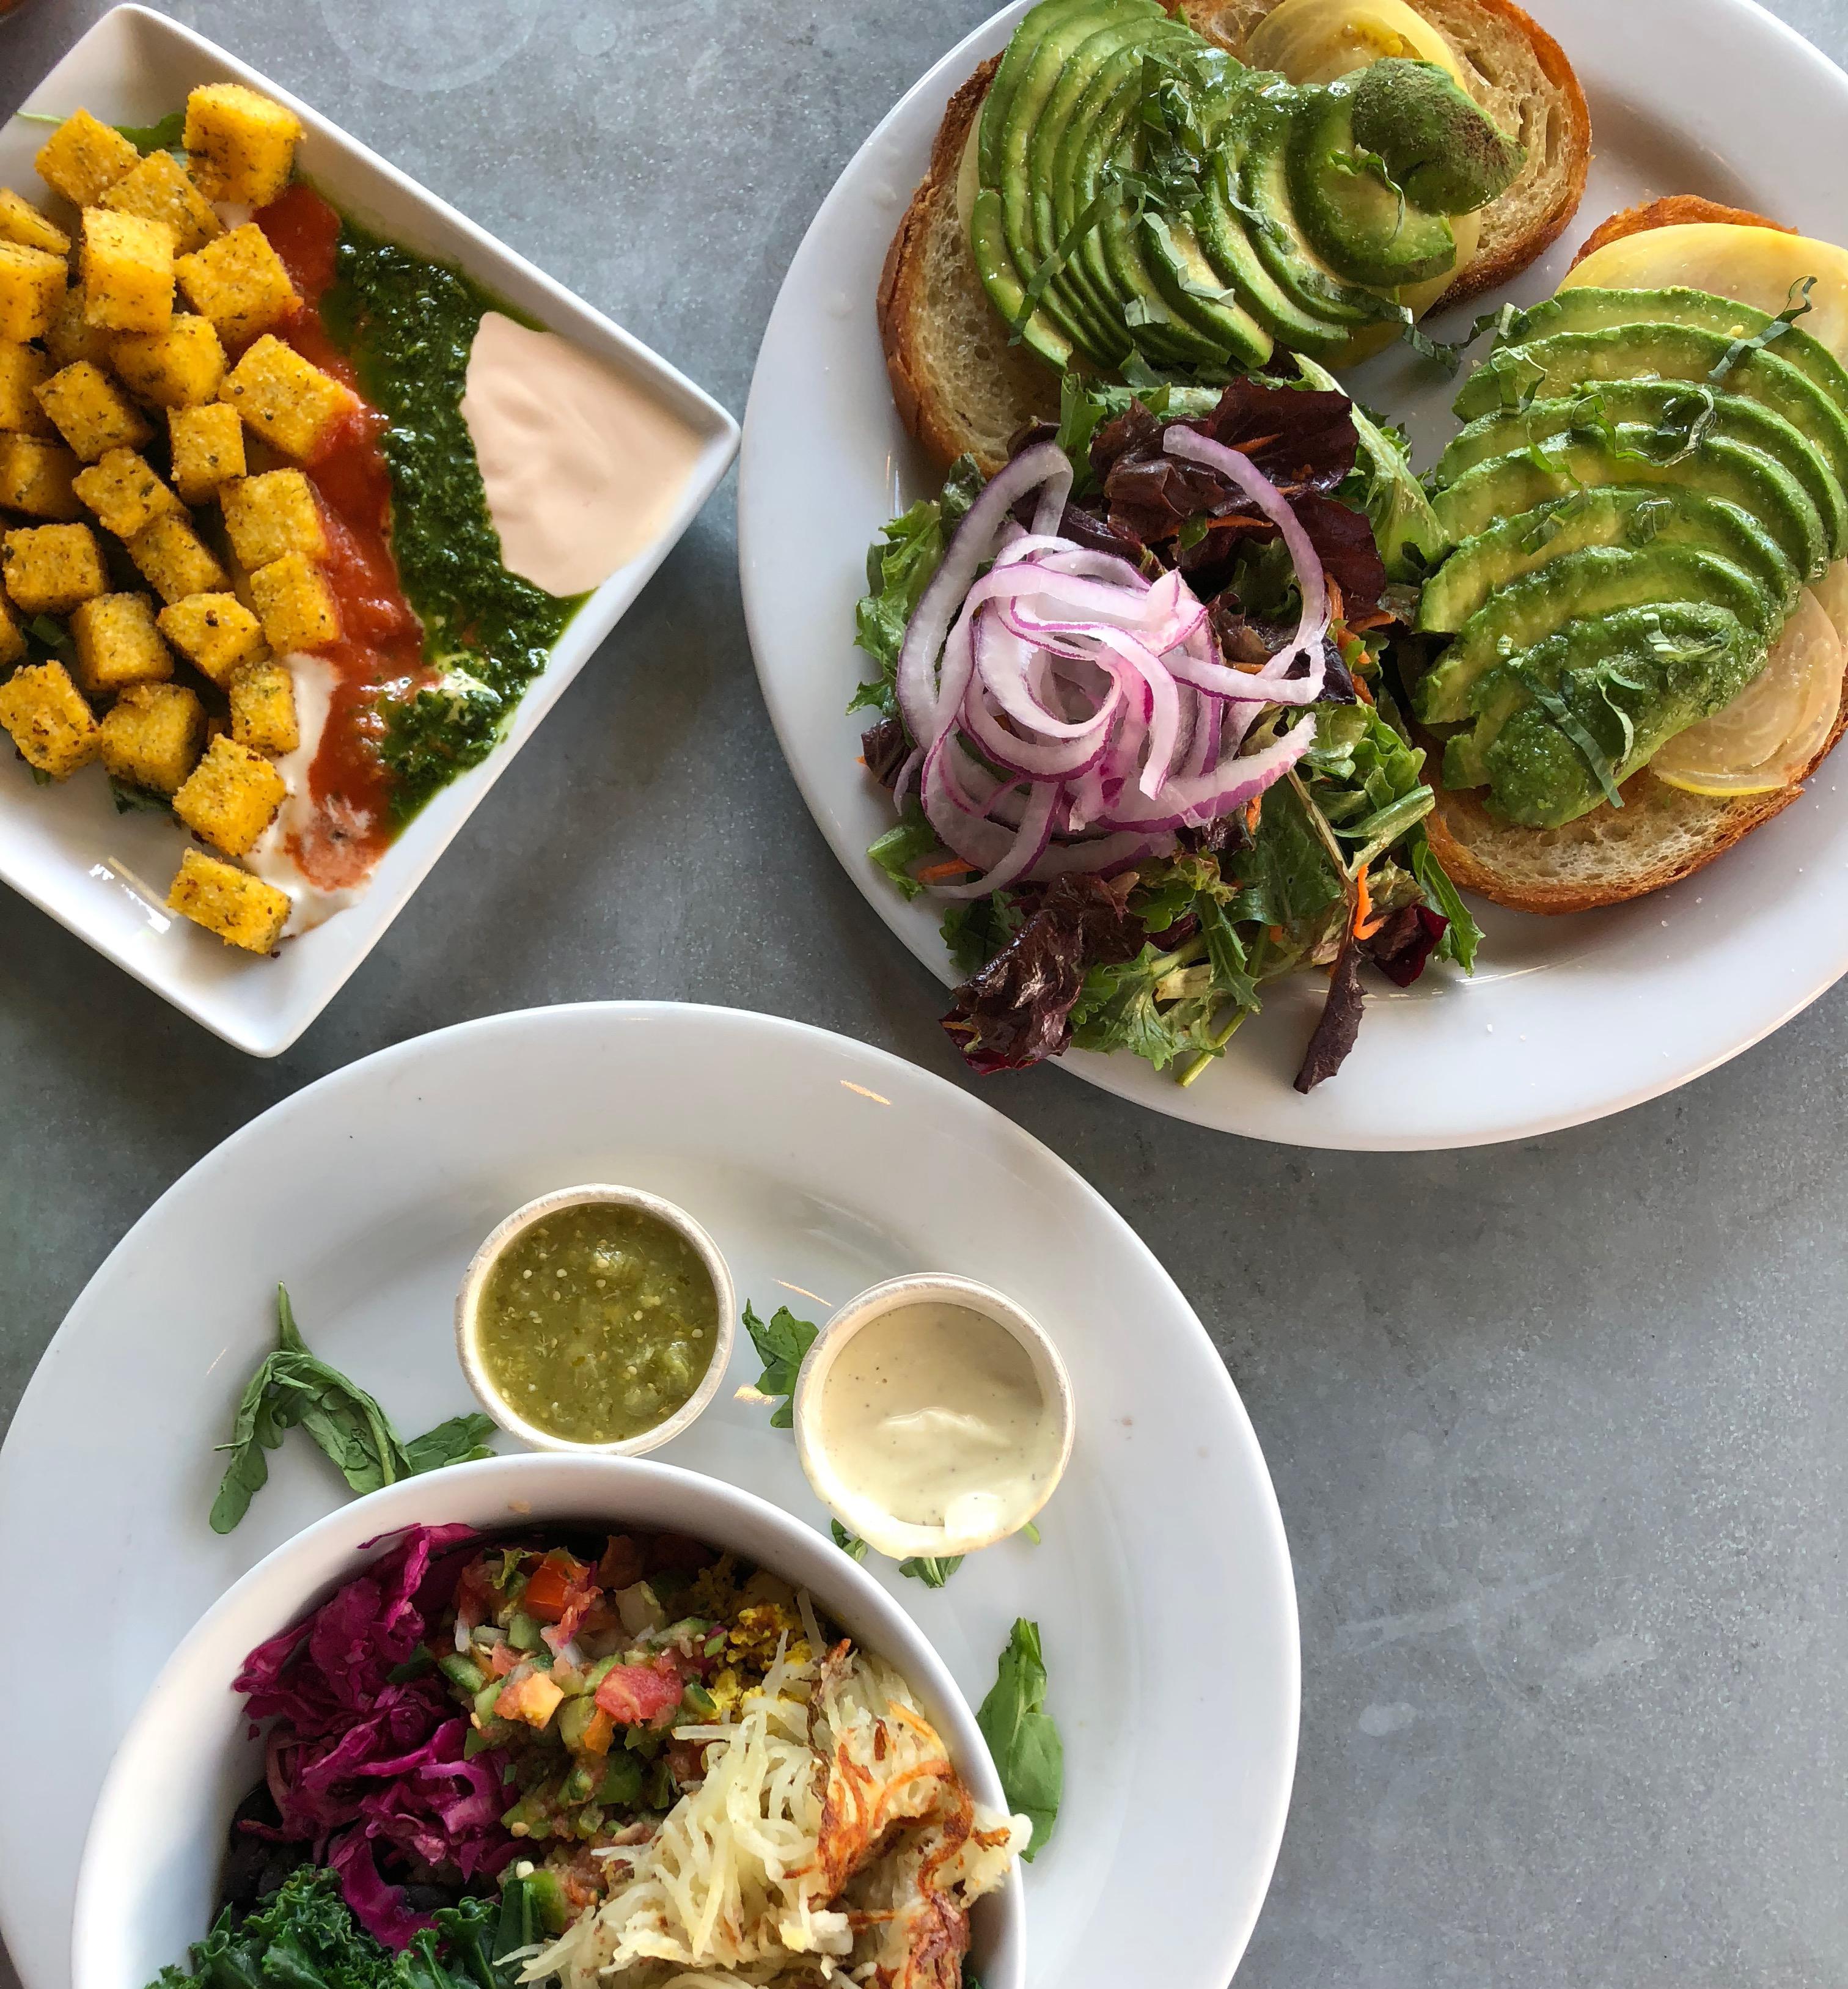 Sage-vegan-restaurant-food.jpg?mtime=20180823164701#asset:103048